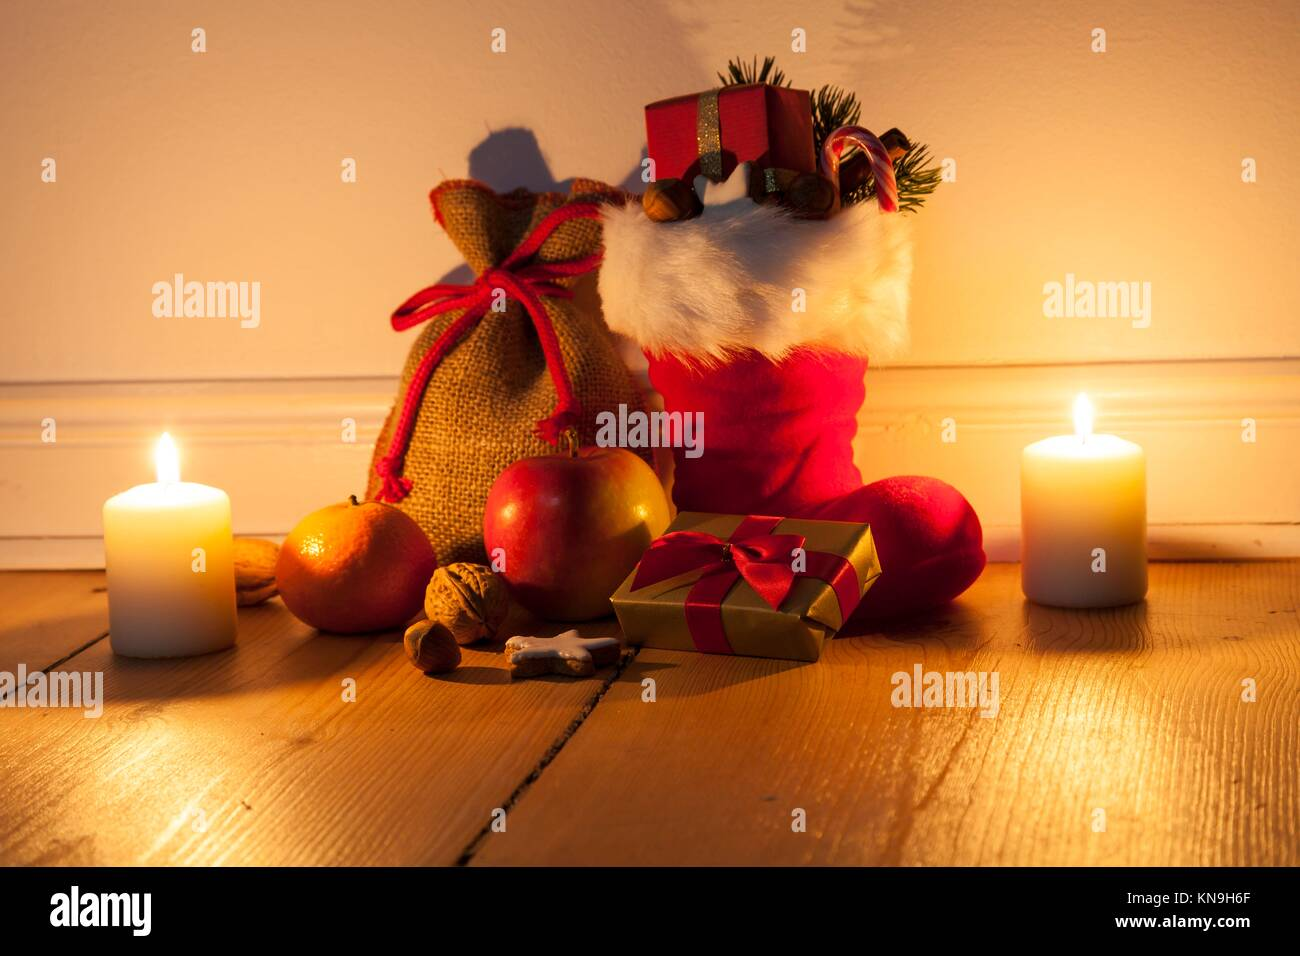 Santa Boots. - Stock Image